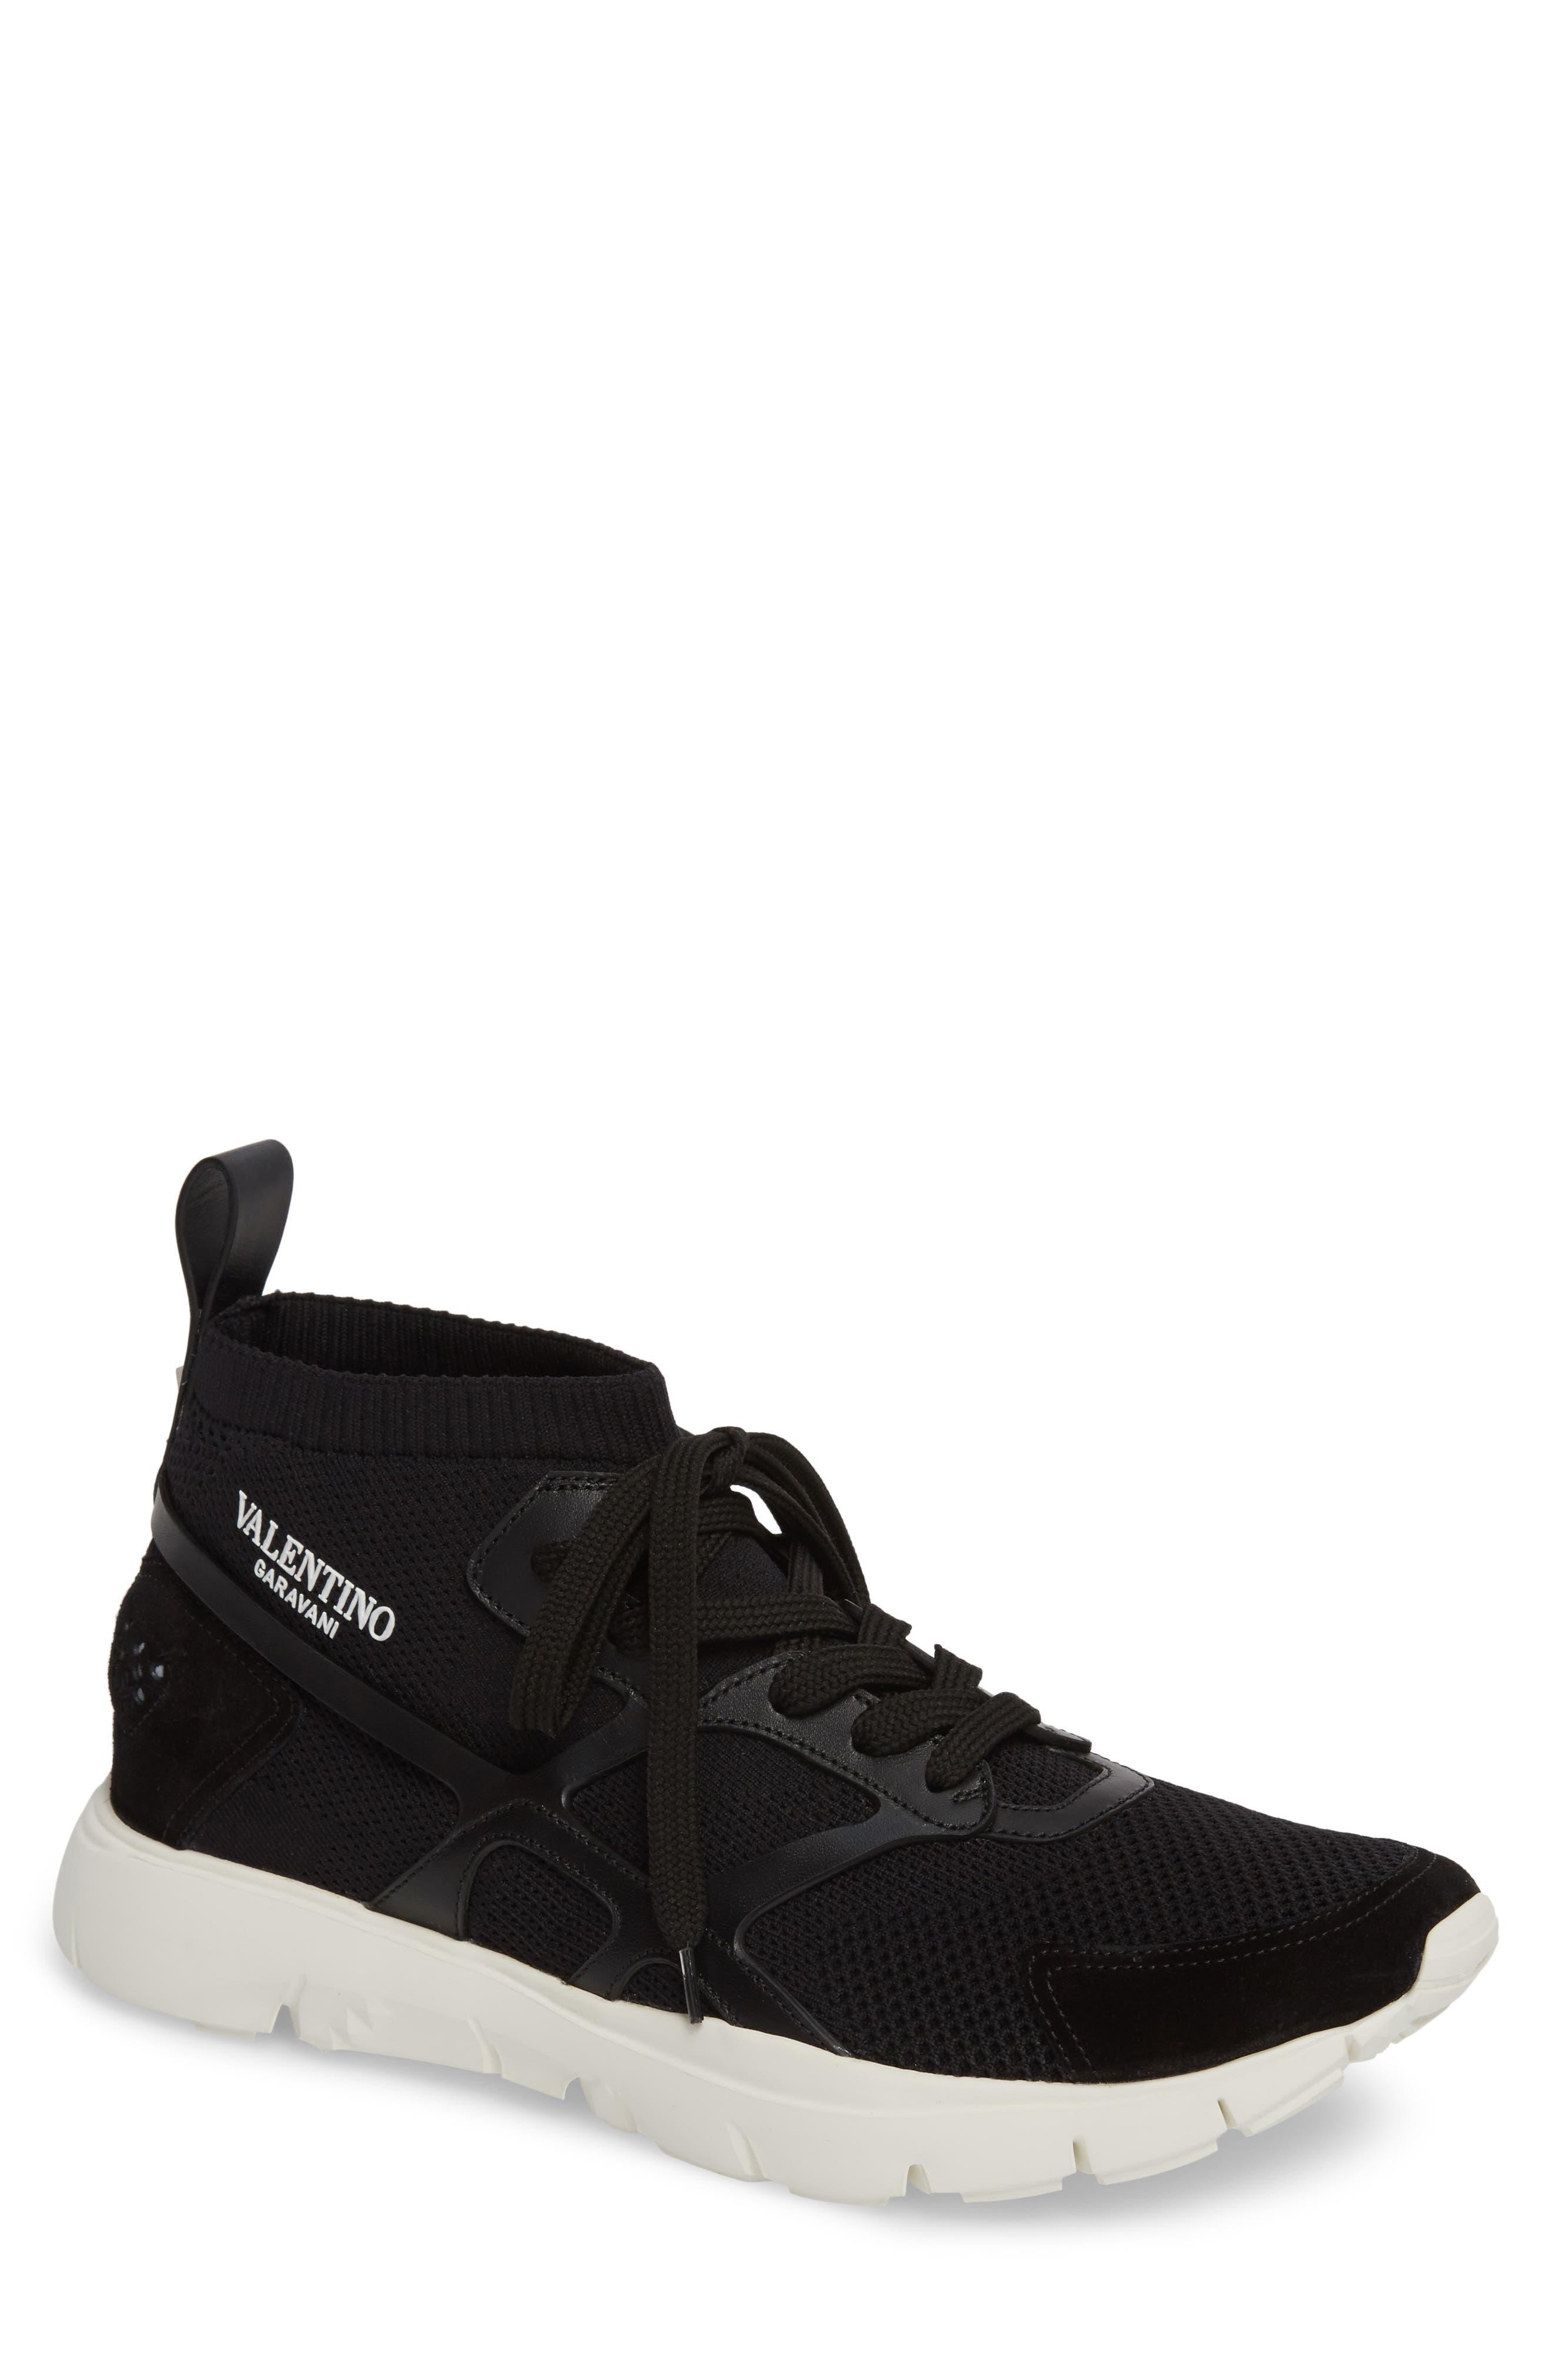 Sound High Sneaker,                         Main,                         color, Nero